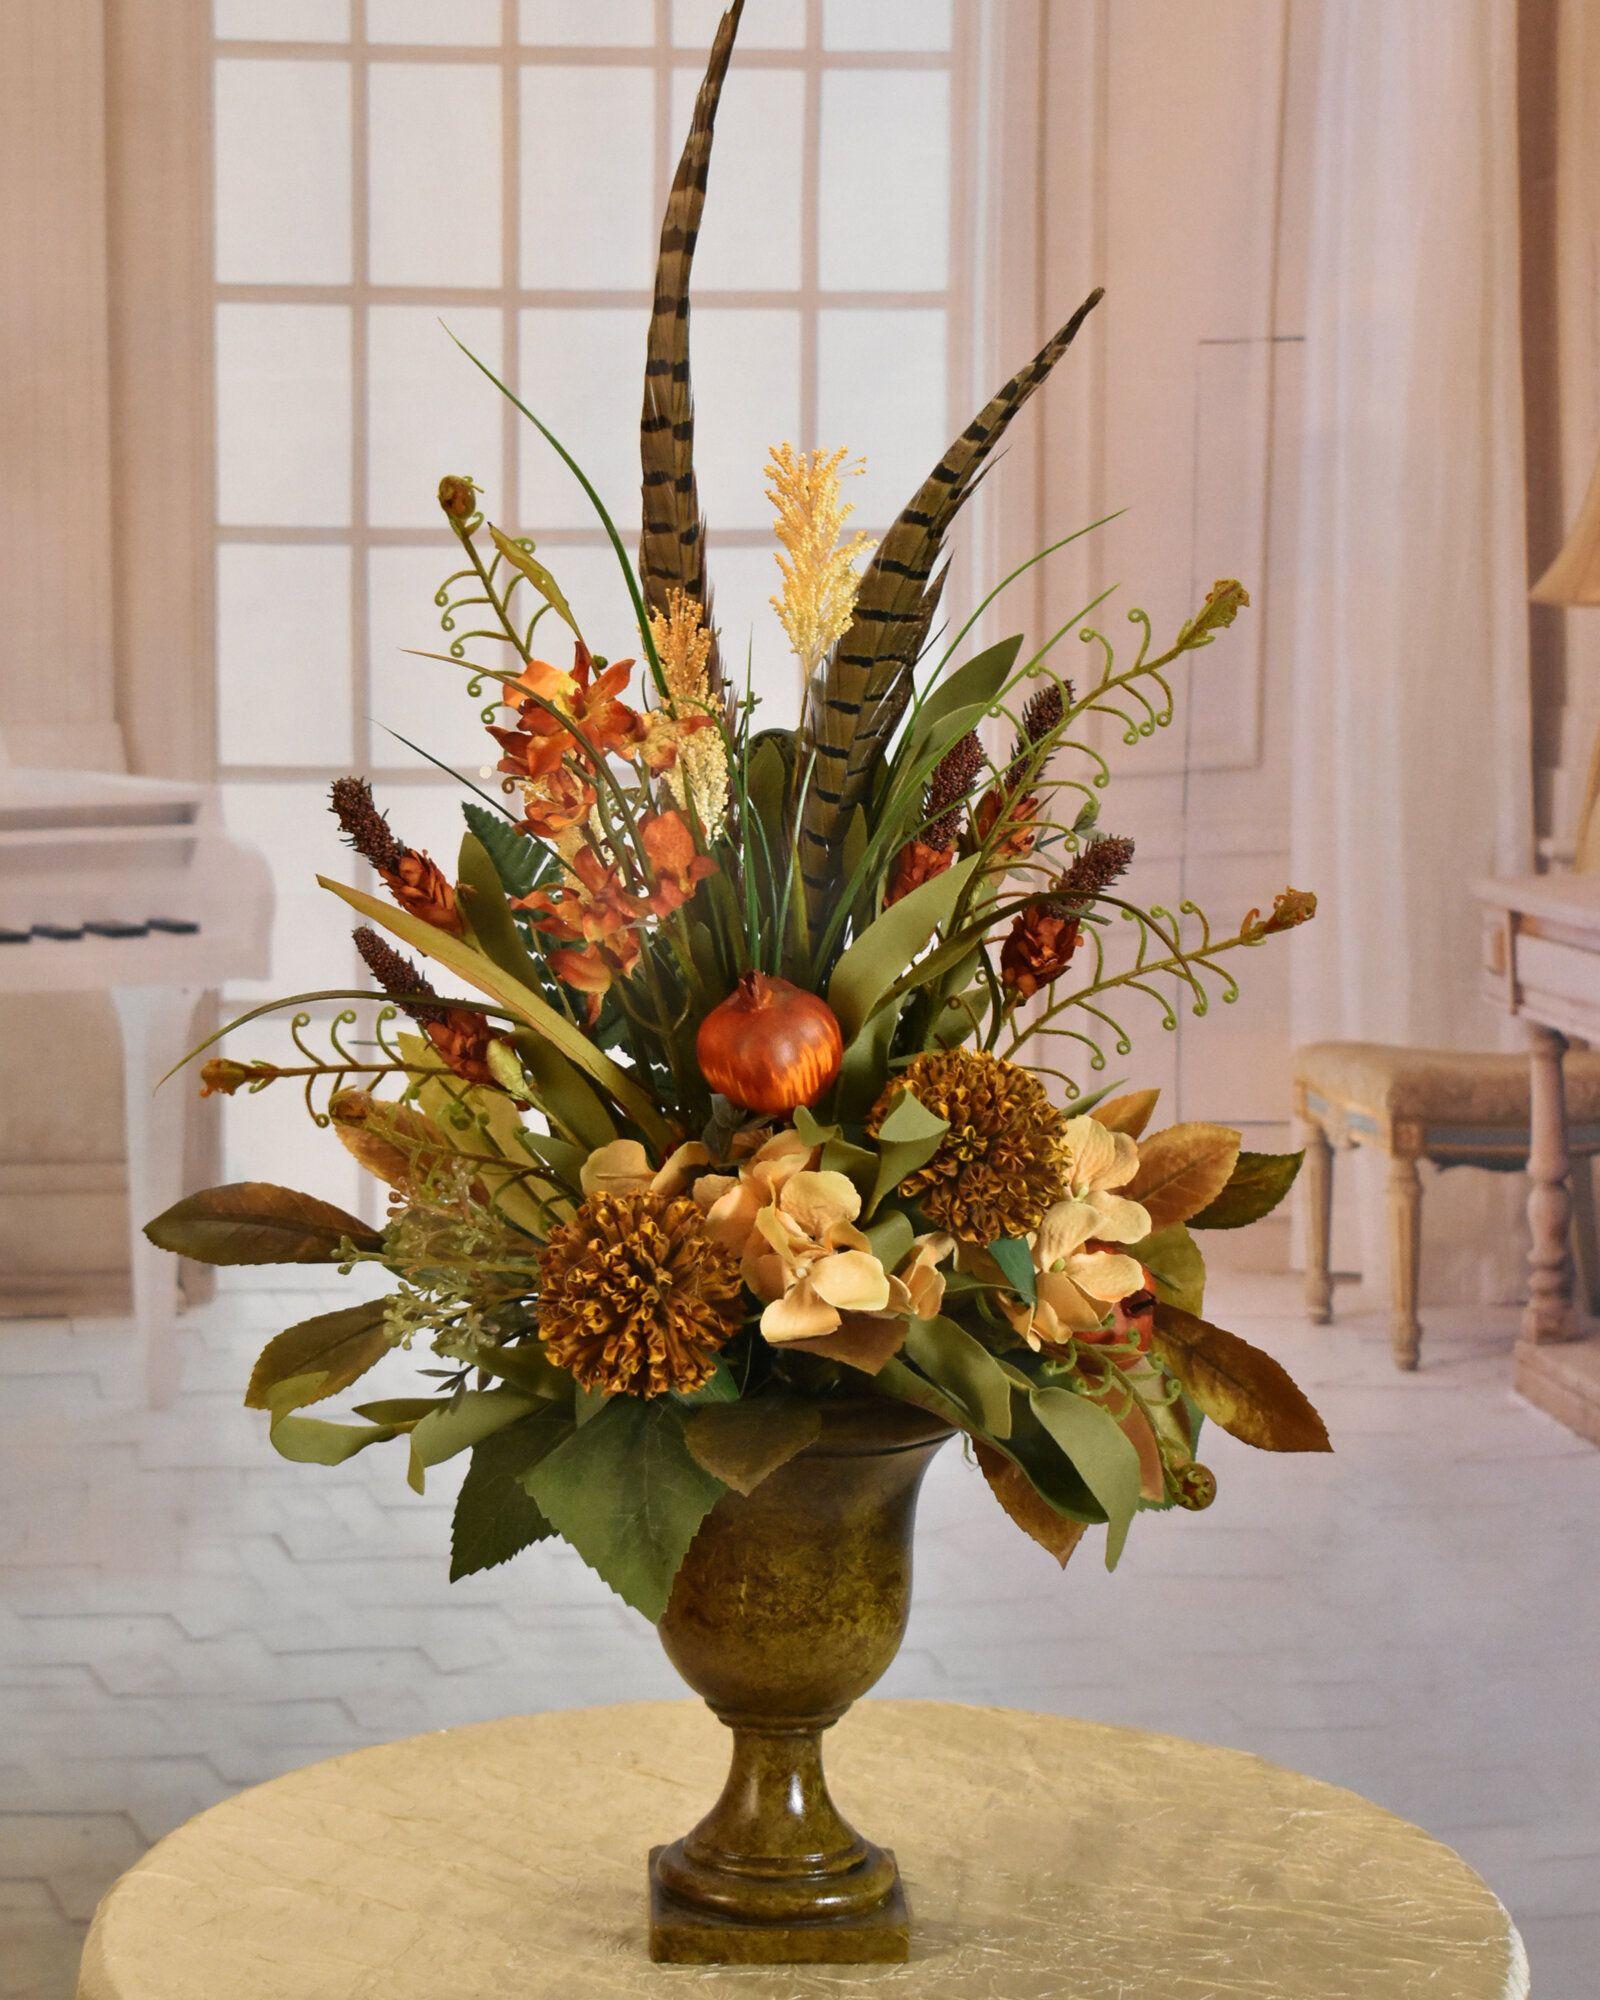 génial  Mot-Clé Floral Home Decor Magnolia And Hydrangea Floral Arrangement in ...